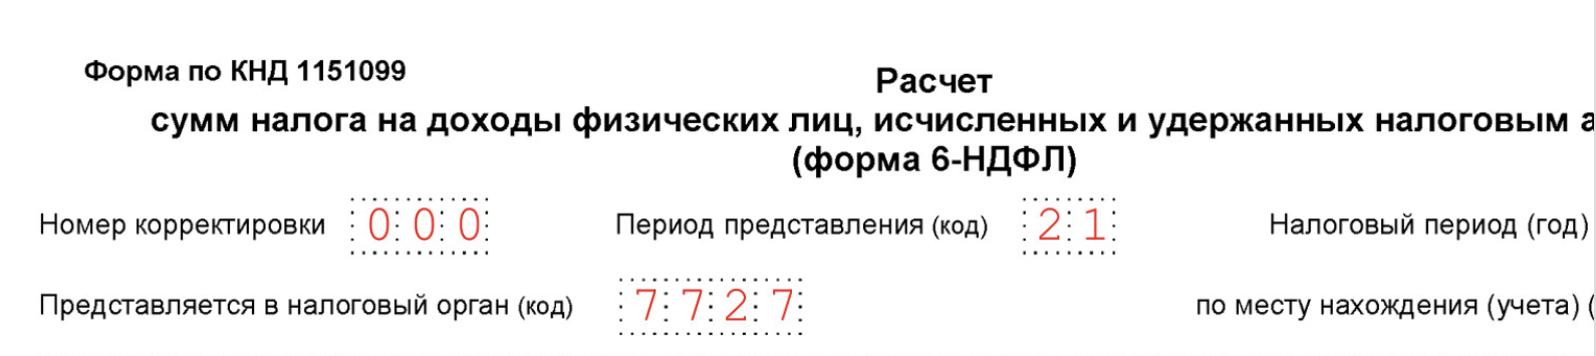 Инструкция по заполнению 6-ндфл с последними изменениями в 2019 году